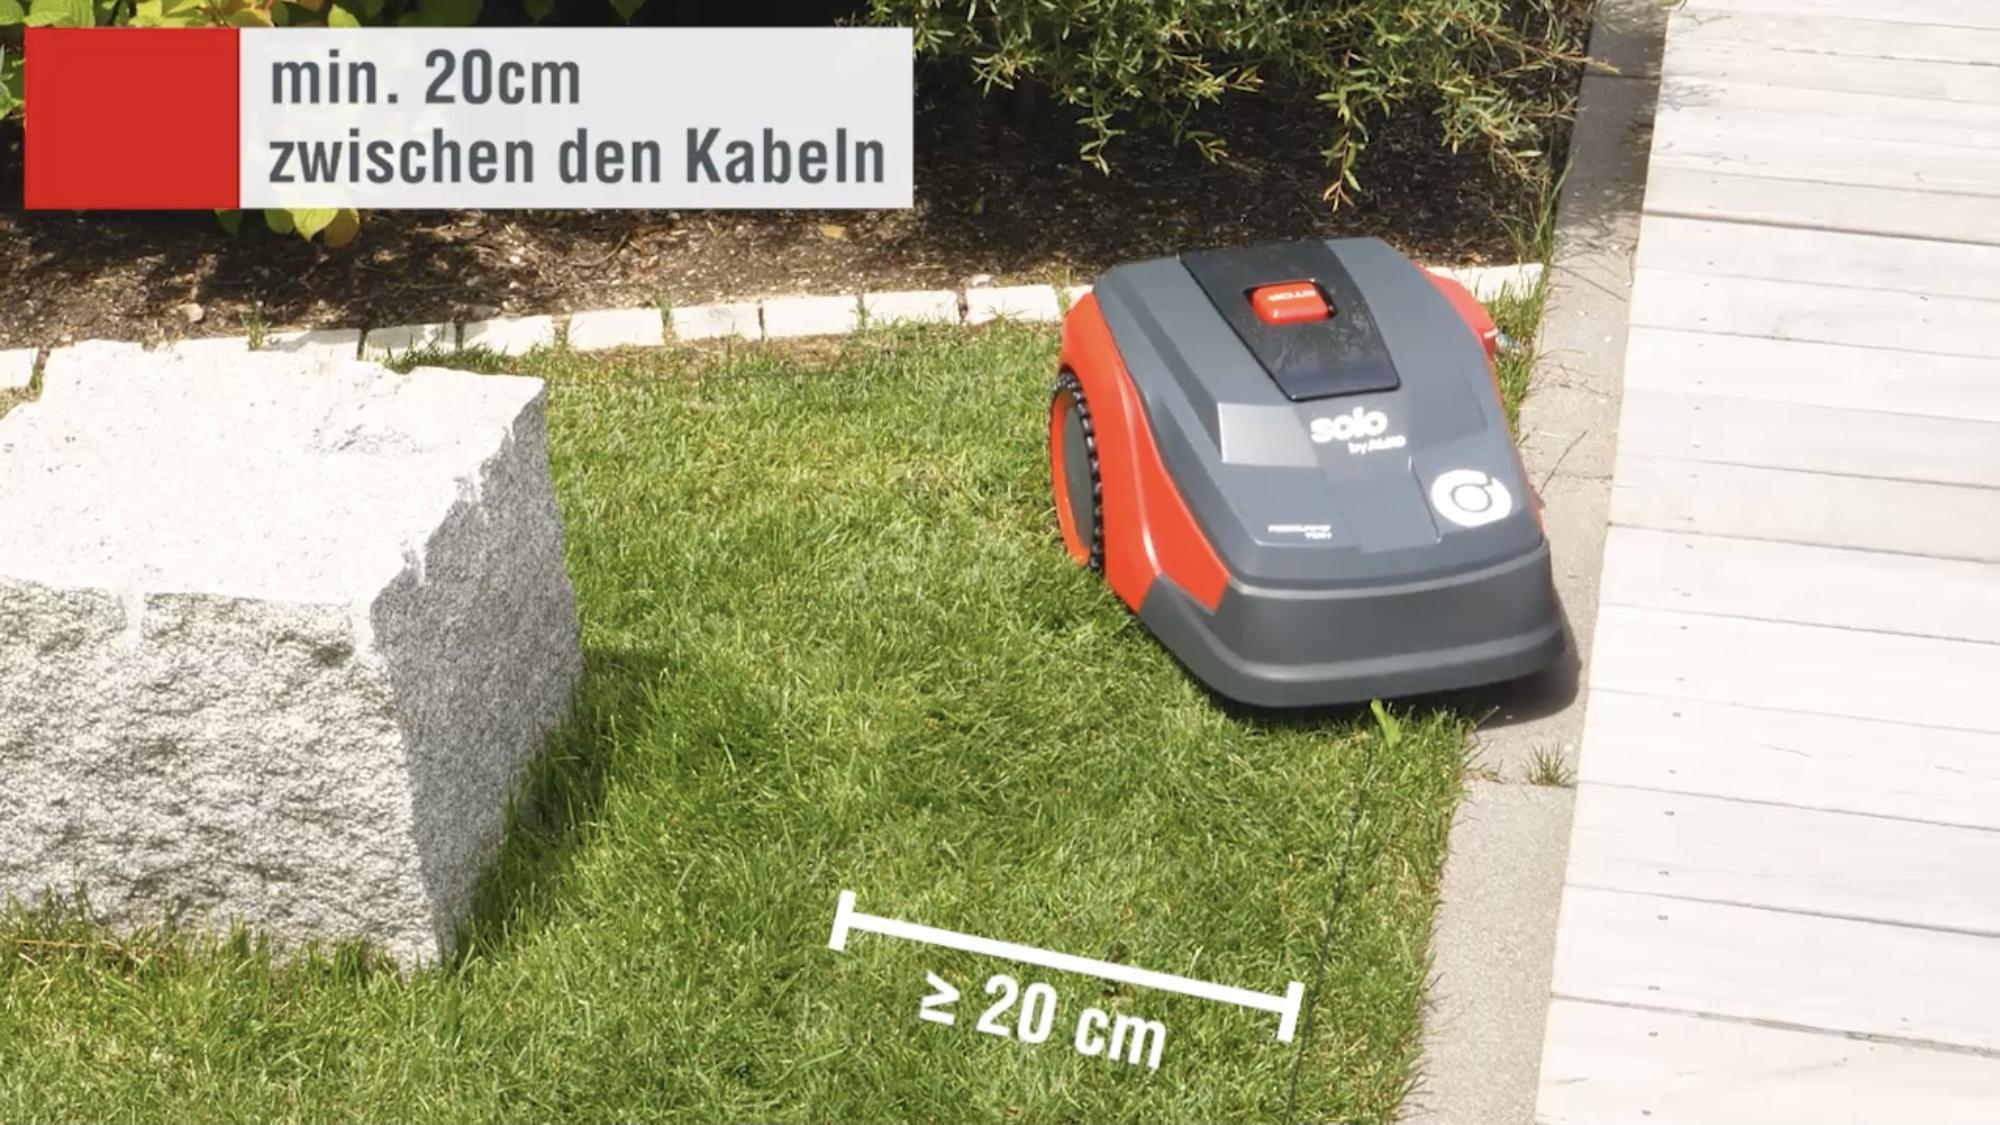 AL-KO-Robolinho-20cm-Abstand-zwischen-den-Begrenzungskabeln